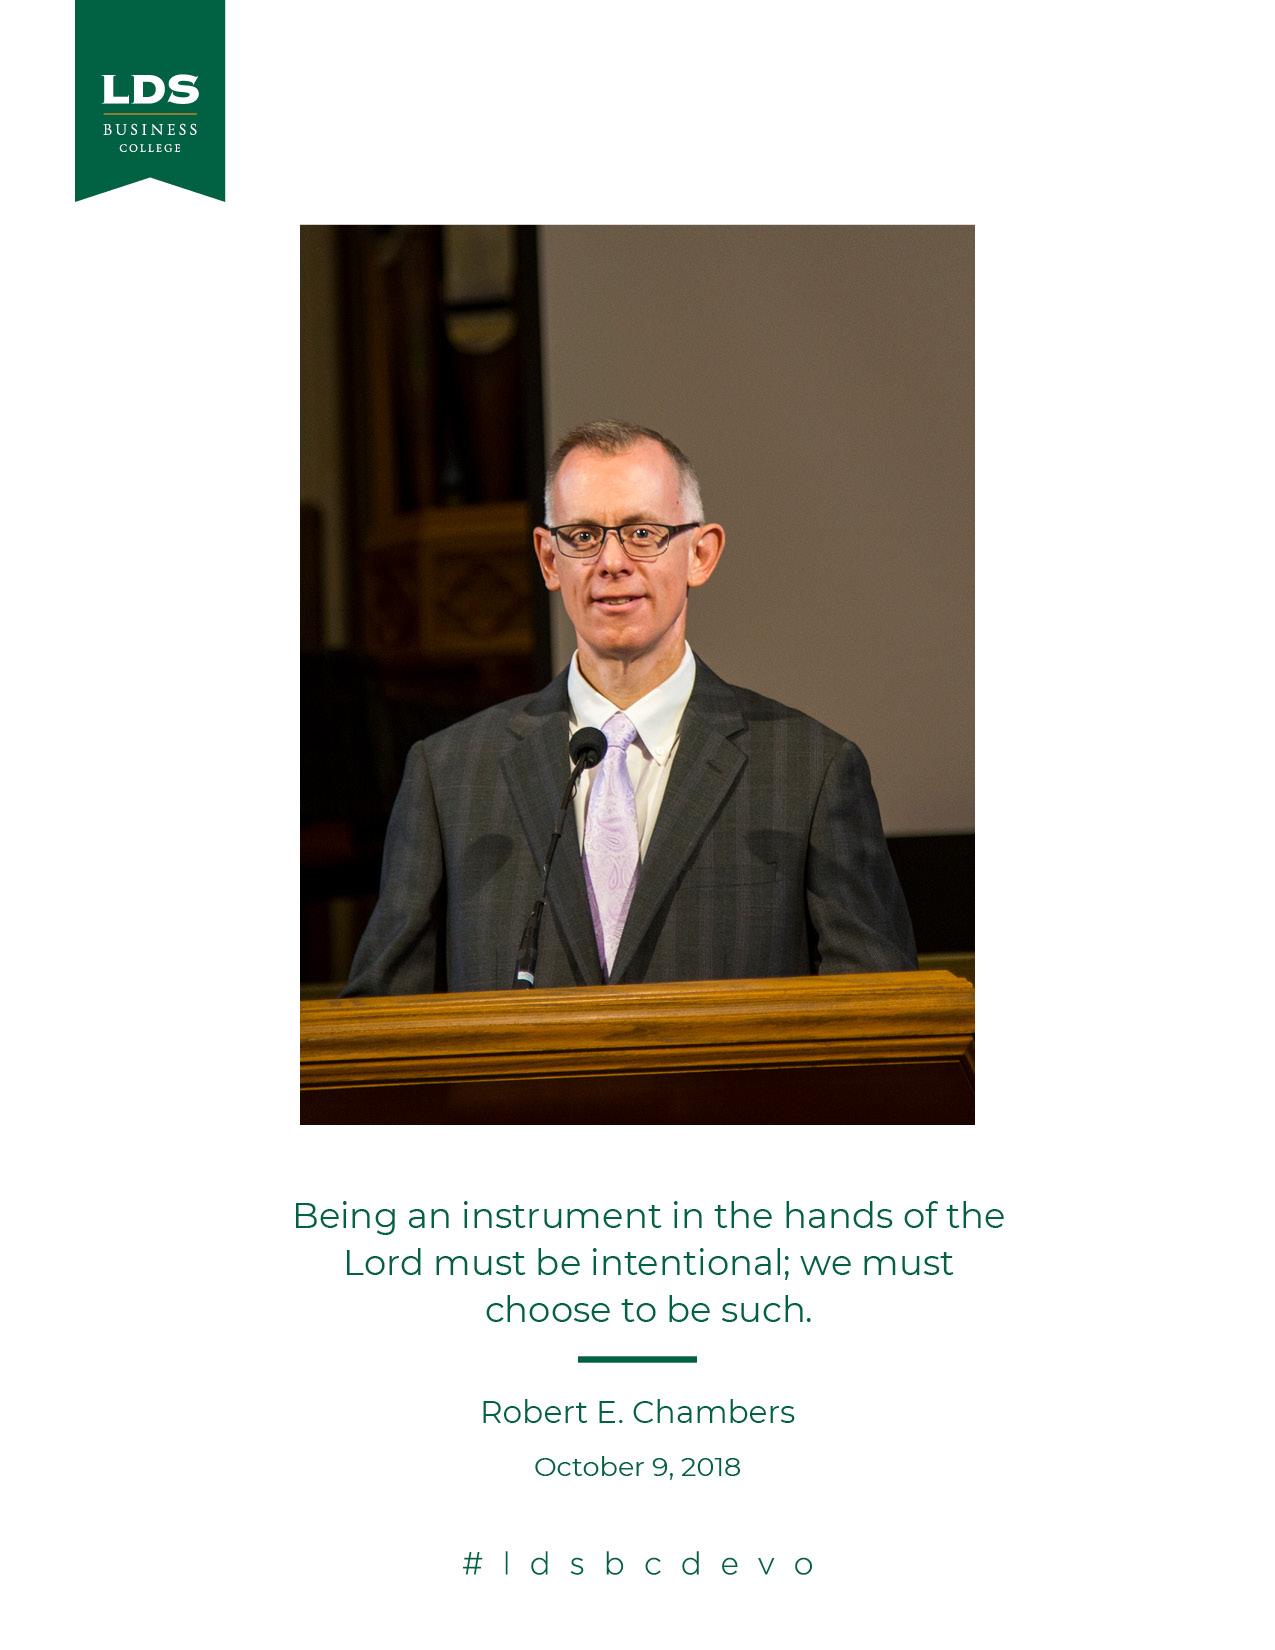 Robert Chambers Quote